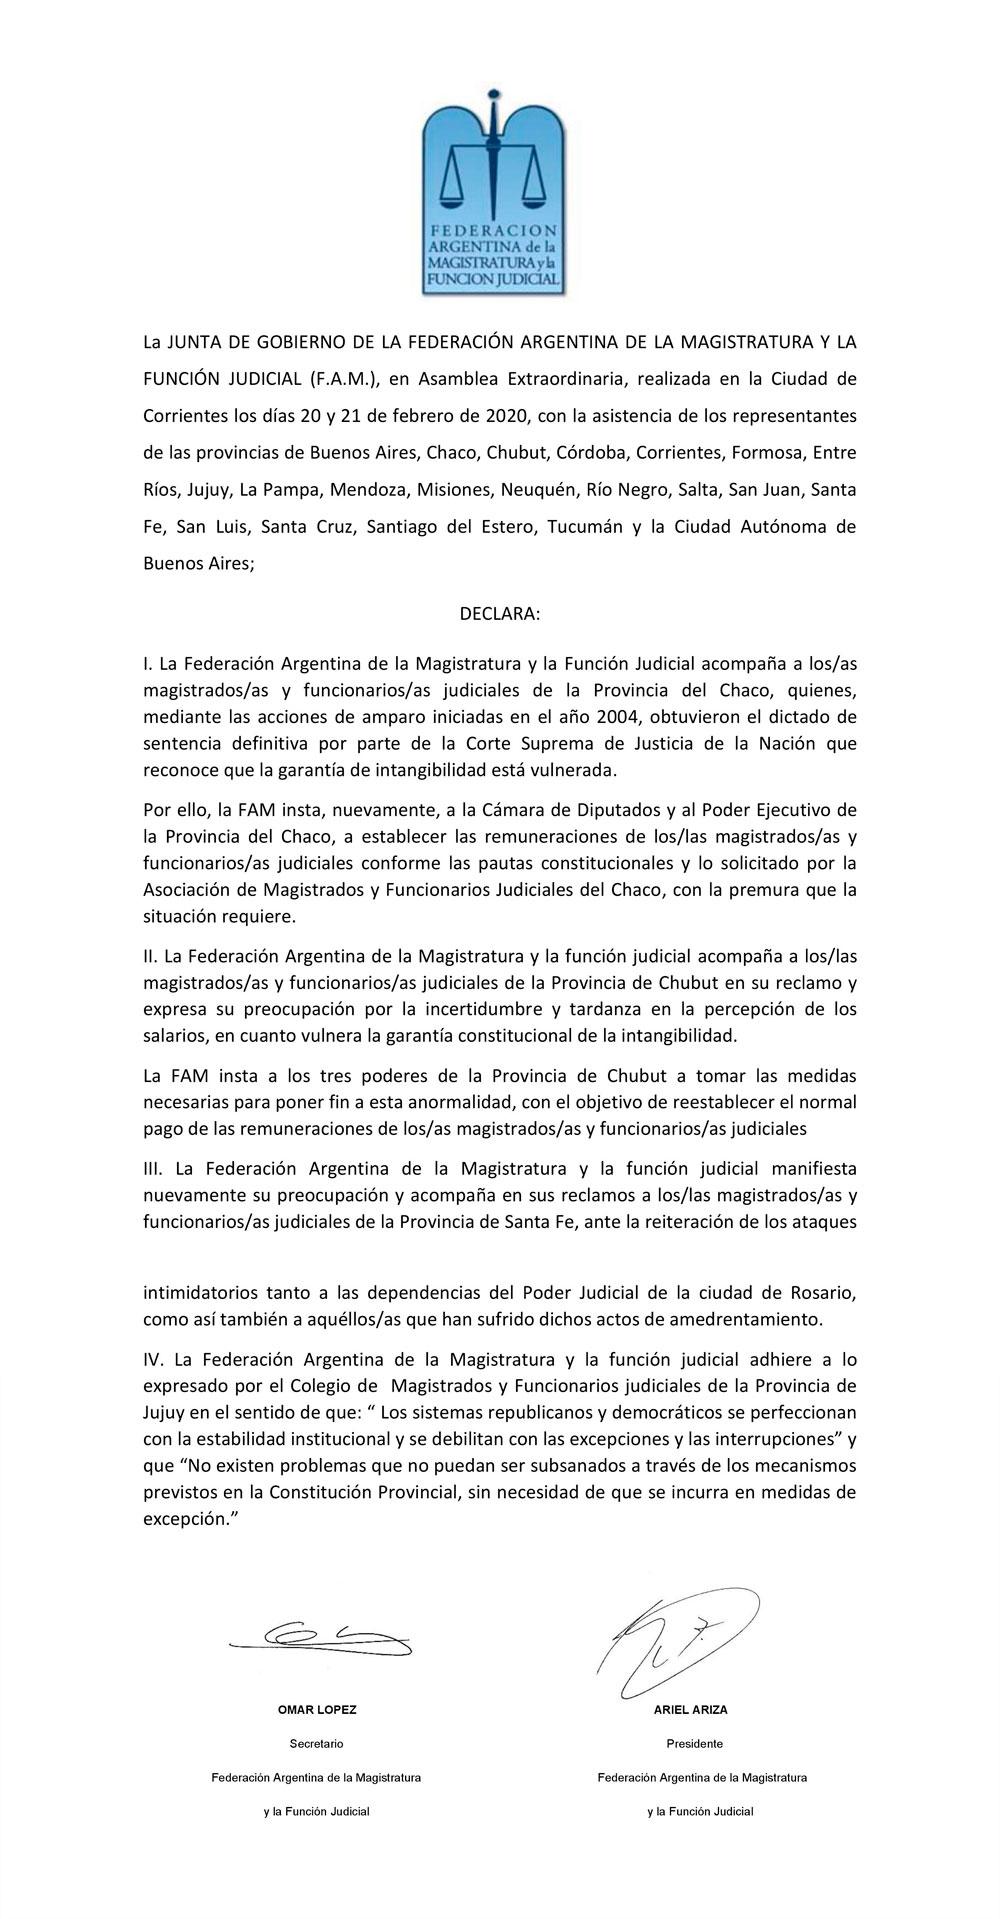 FAM//115° Asamblea Extraordinaria//Celebrada en la Ciudad de Corrientes